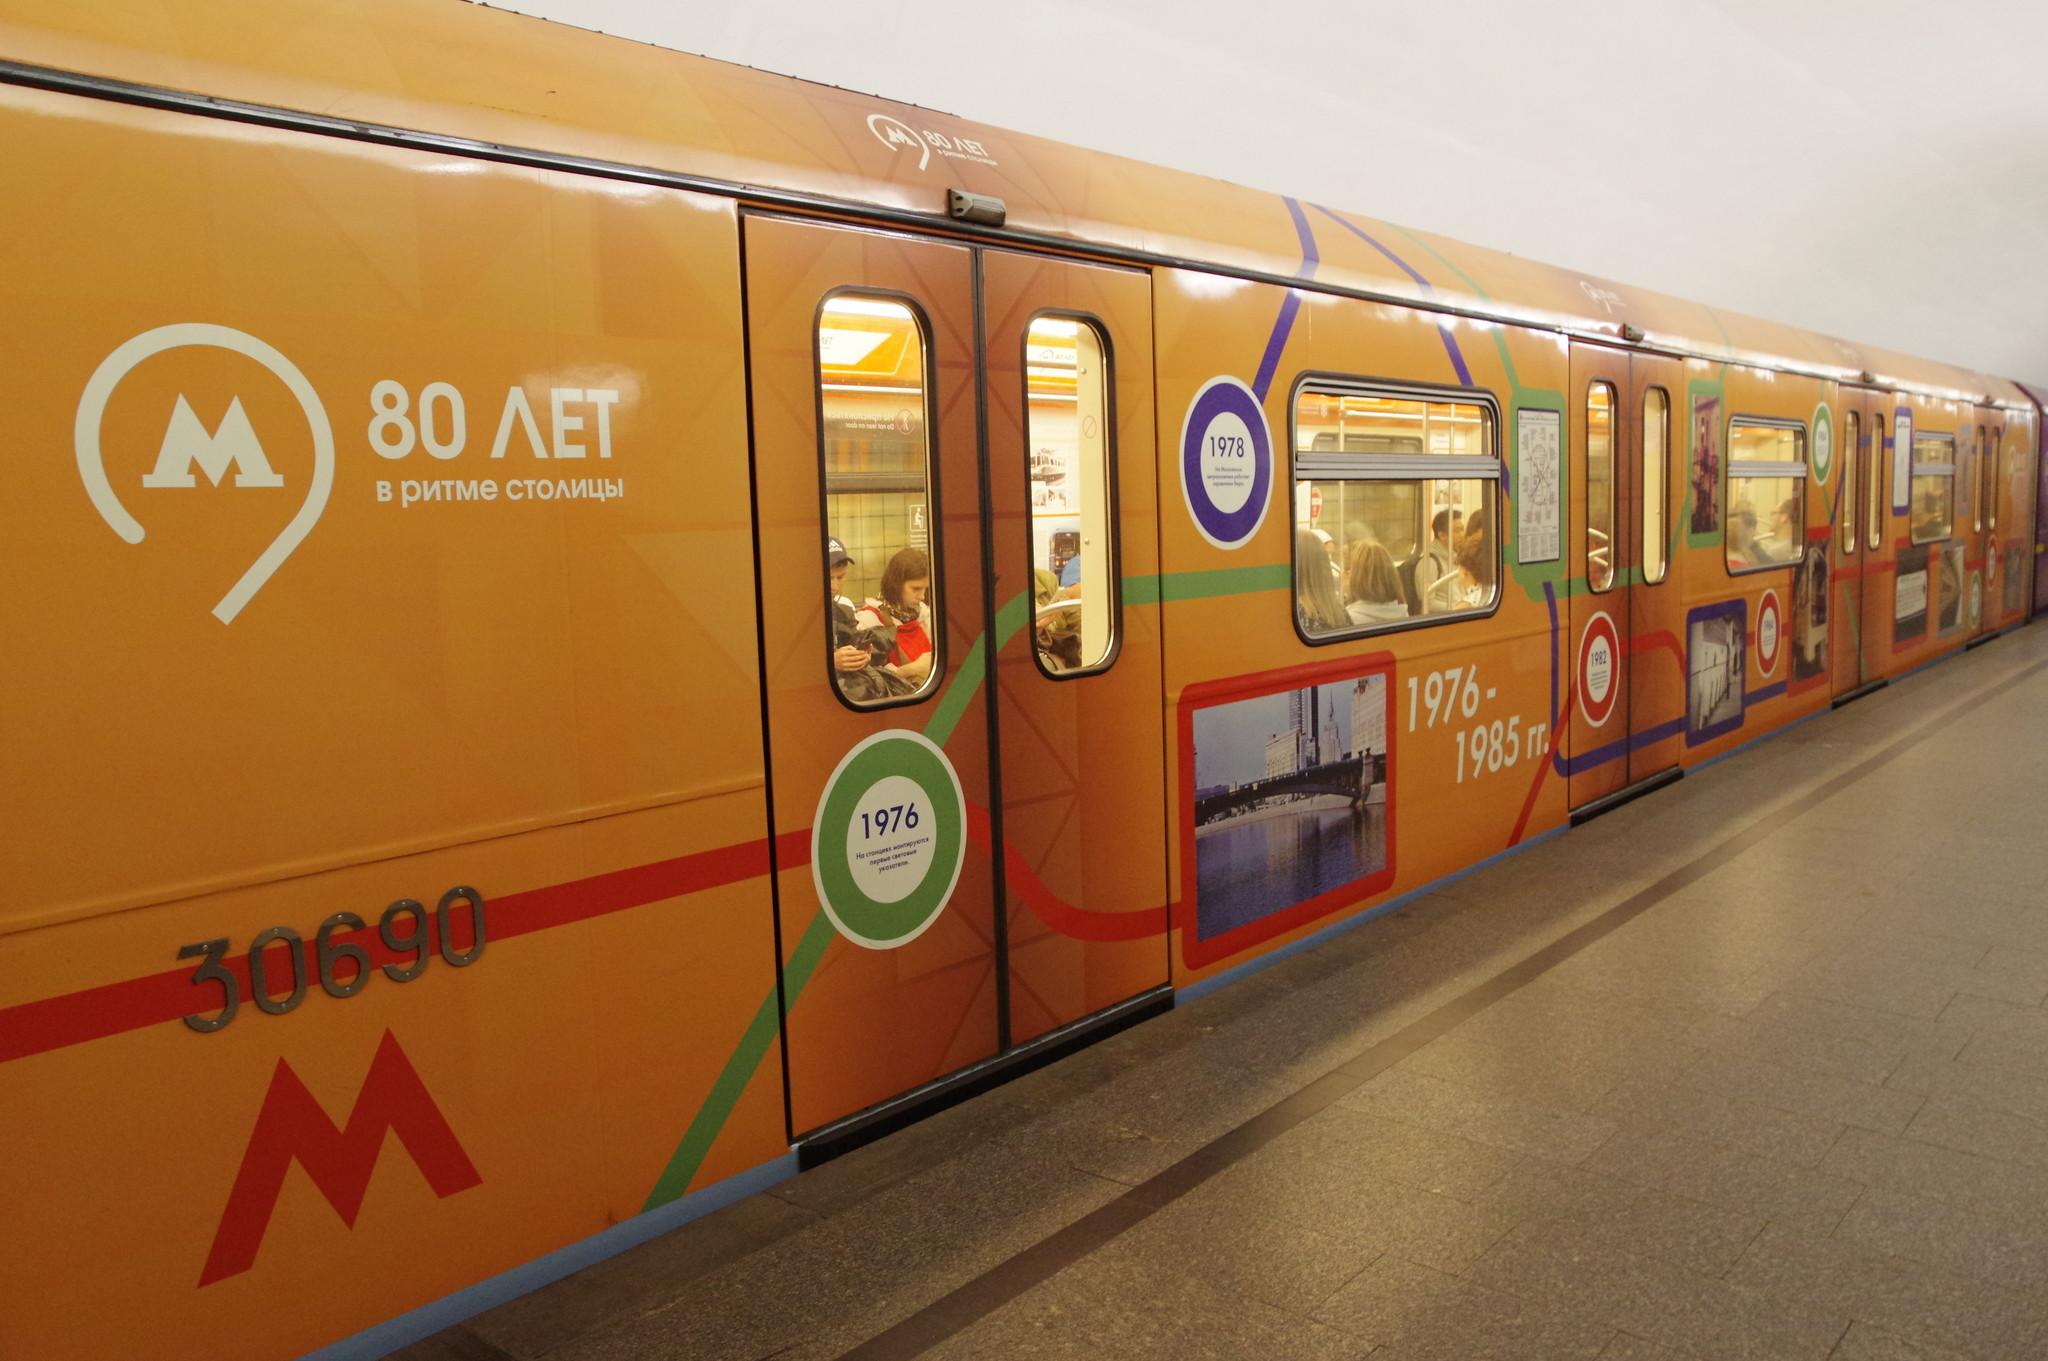 Поезд «80 лет в ритме столицы» Московского метрополитена